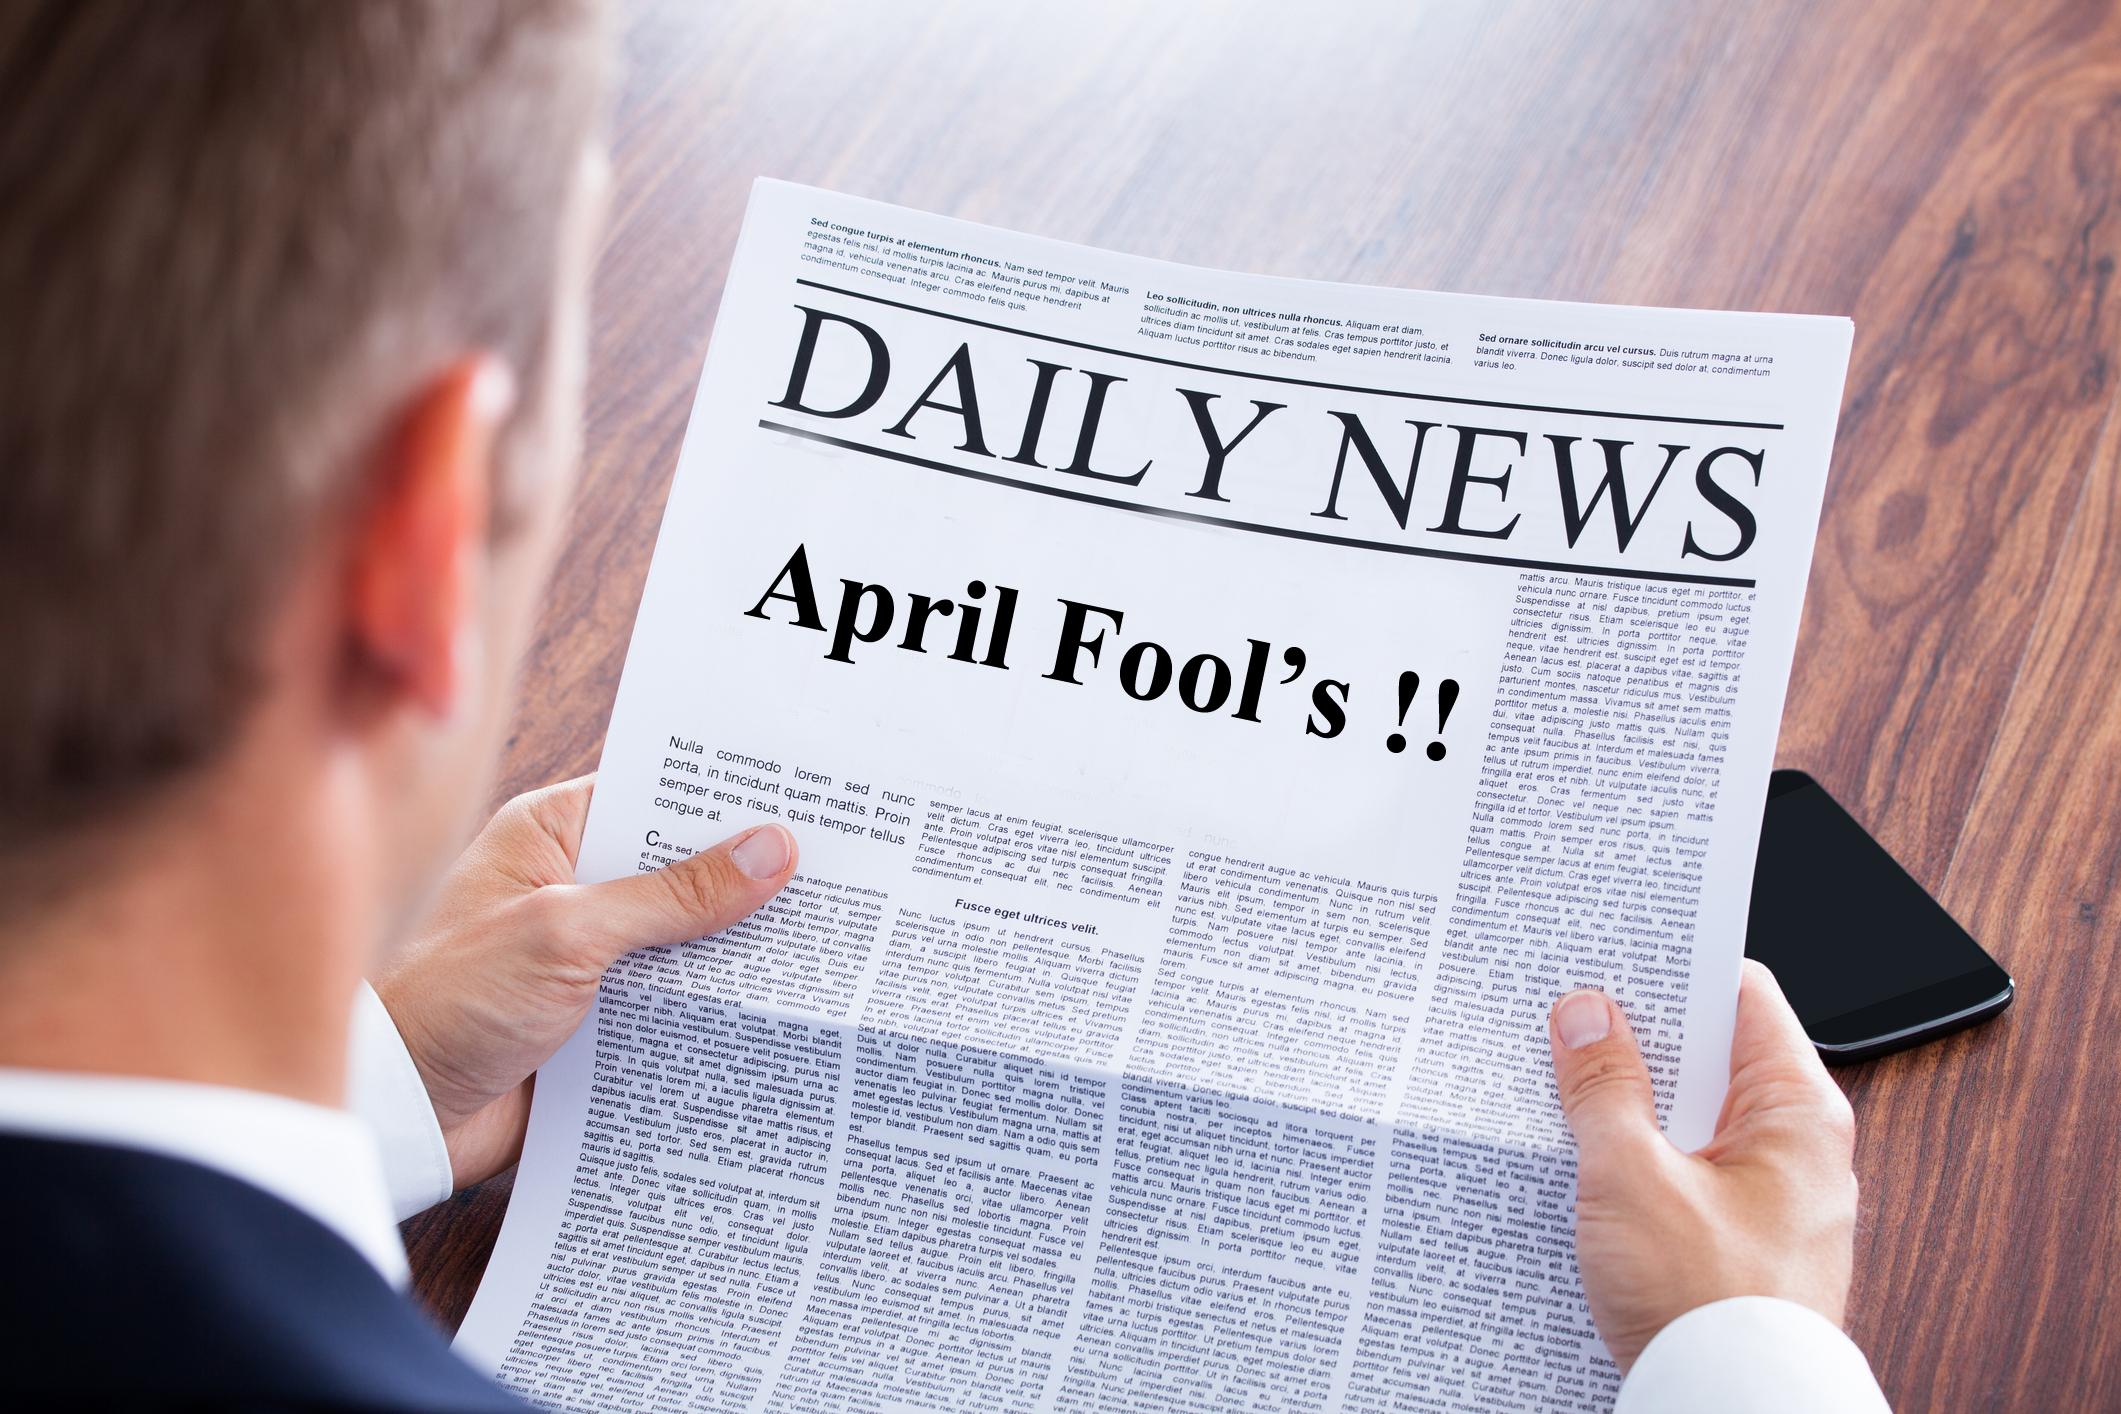 April Fools' newspaper